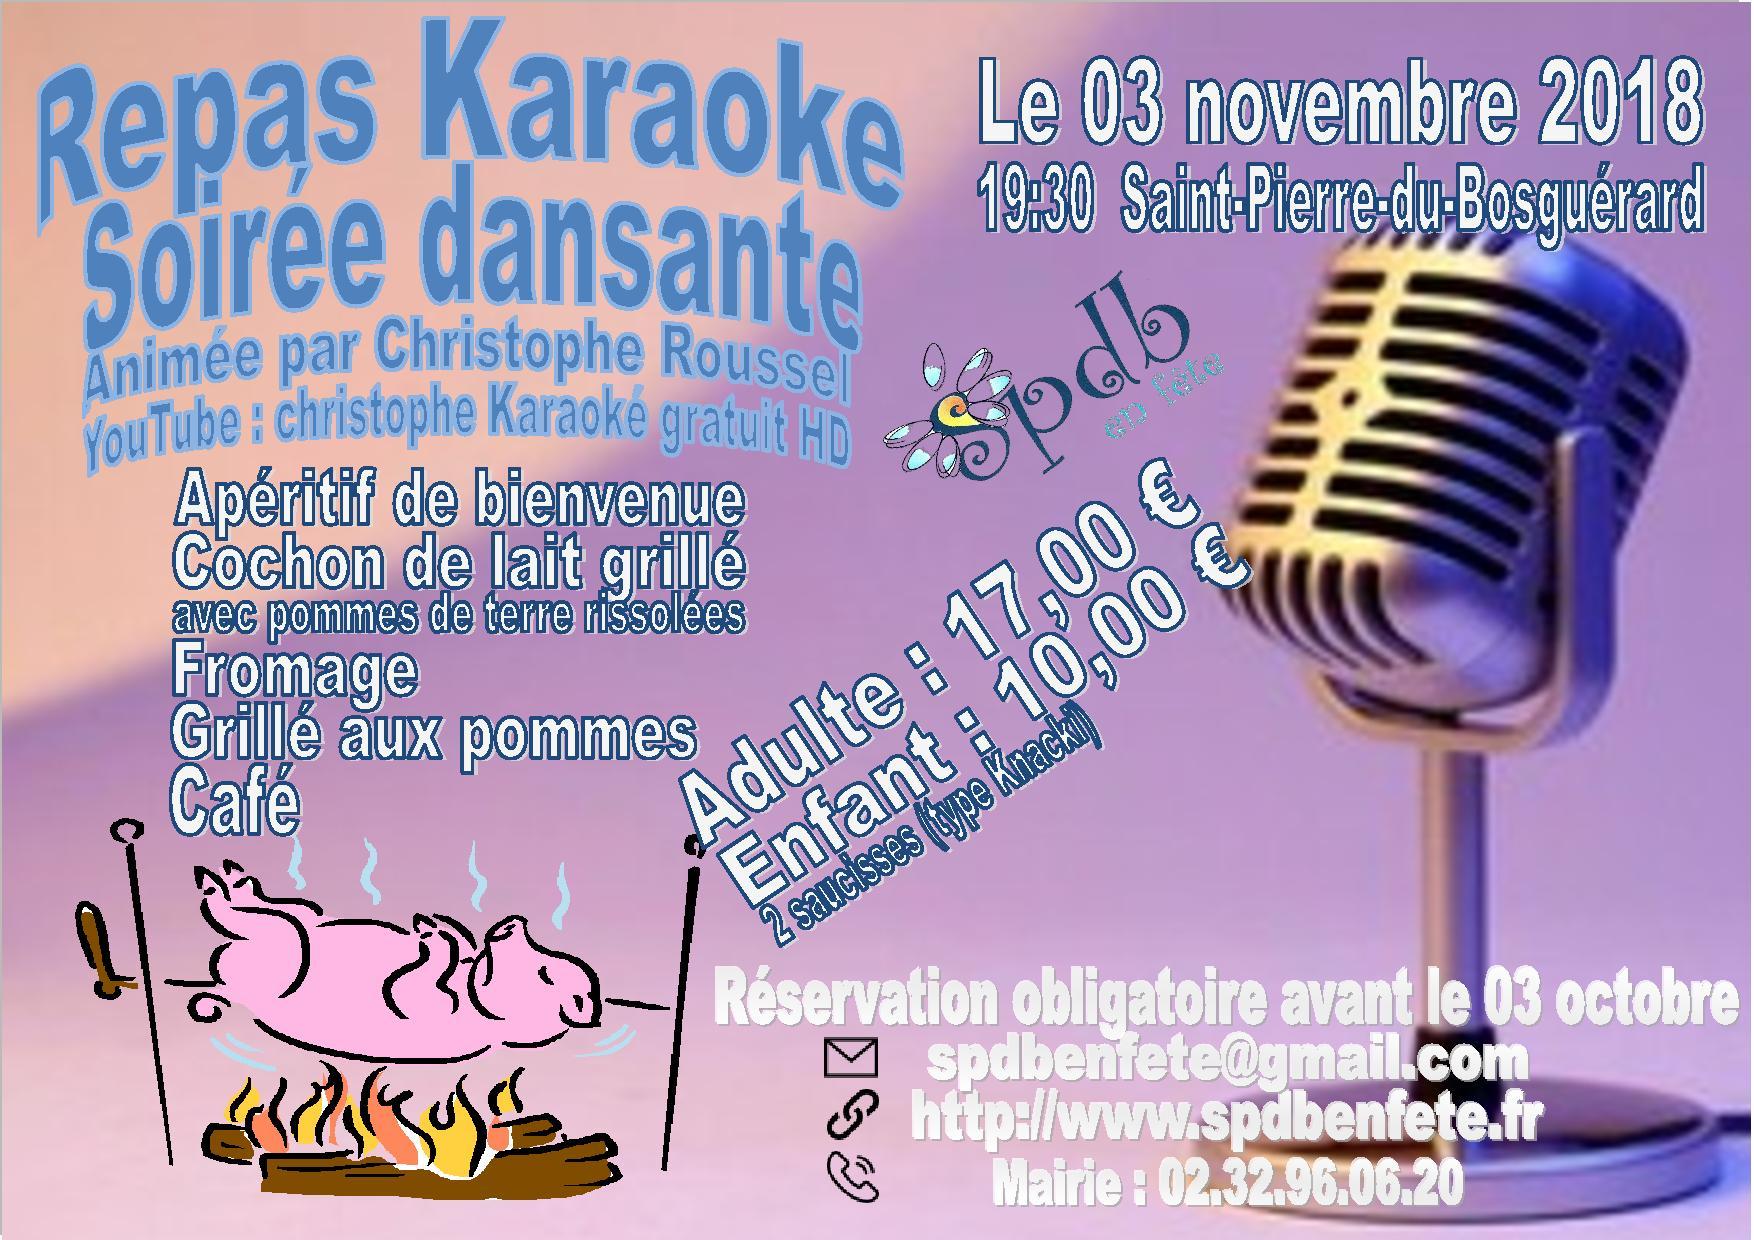 Affiche karaoke 1